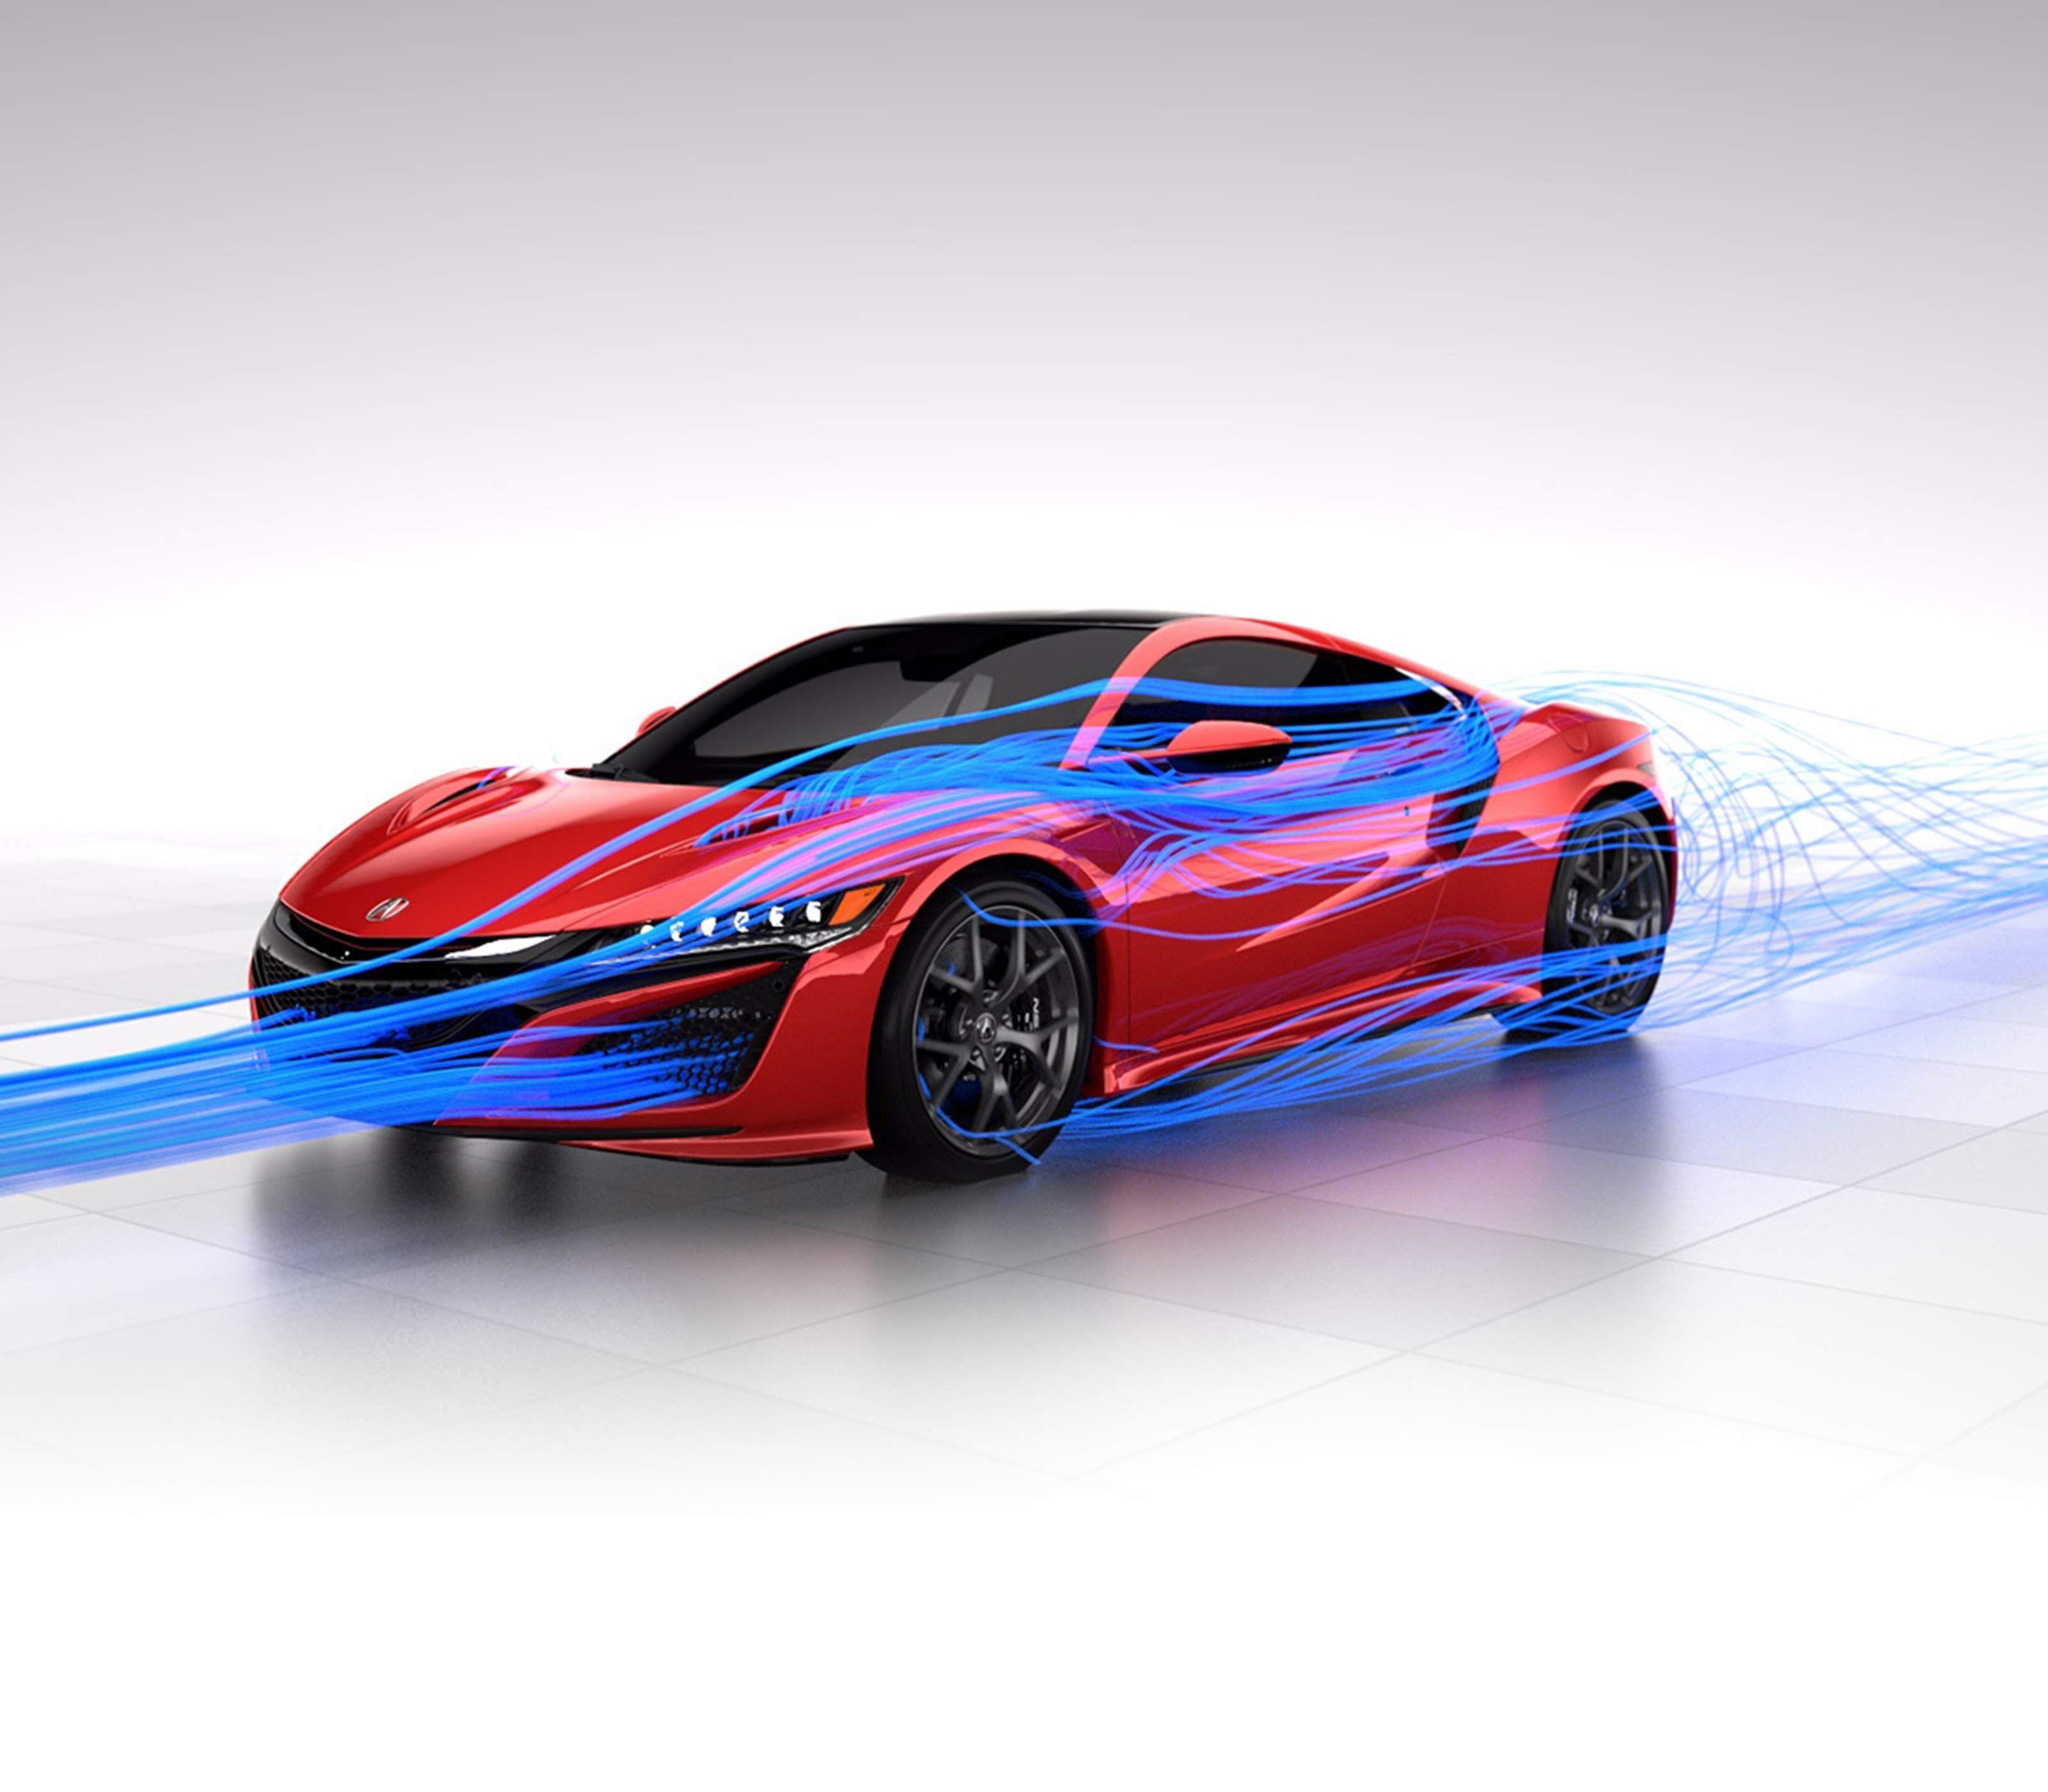 2019 Acura NSX Supercar Design